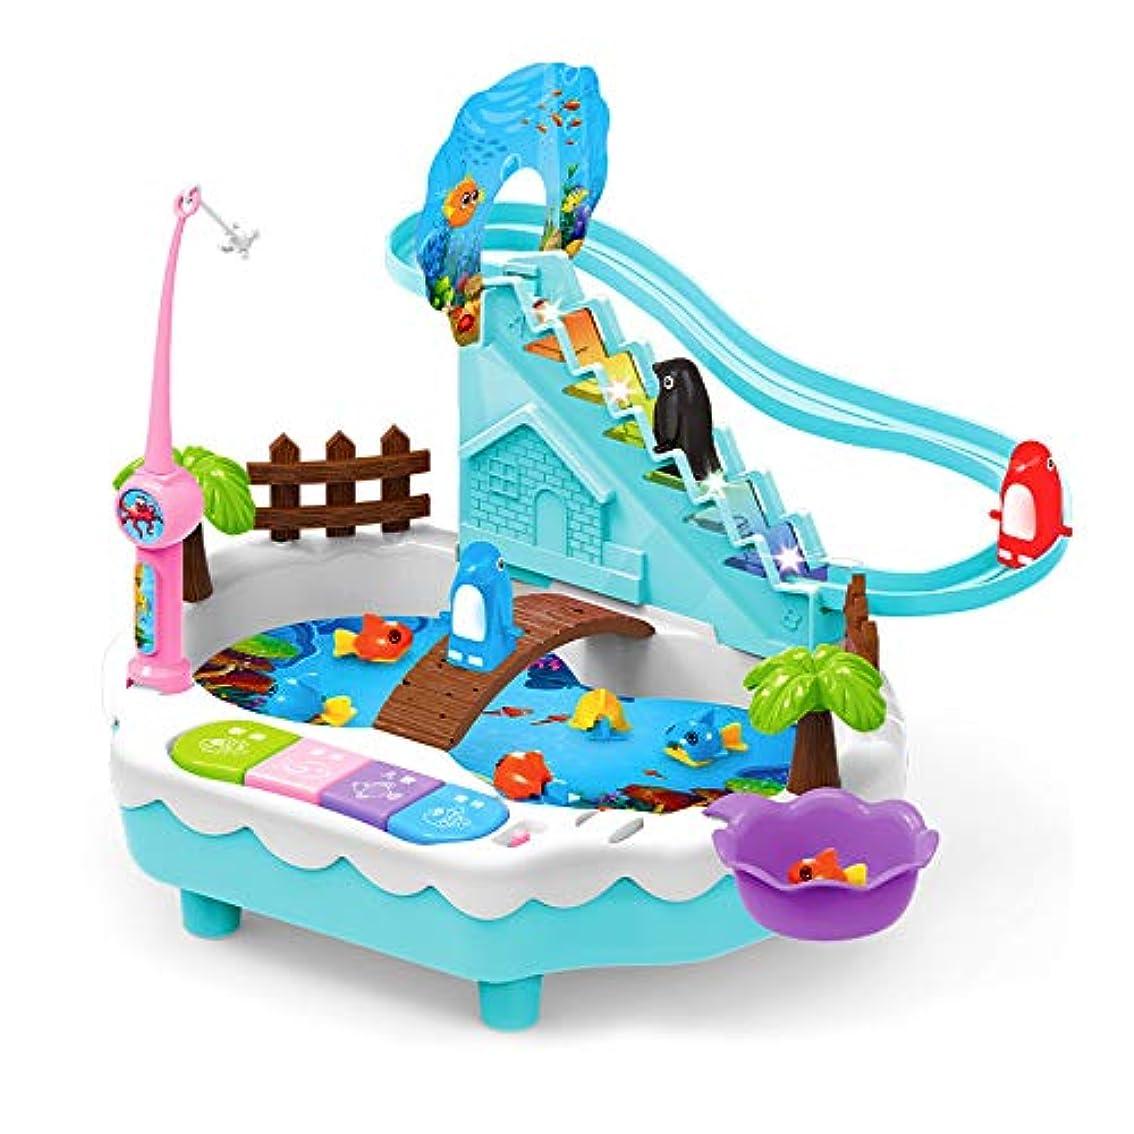 中事実上優先磁気釣りのおもちゃプールを設定し、 USB子供のパズルゲーム、 ミュージックライト小型ペンギンクライム階段 3つの4 5歳の誕生日プレゼントのために